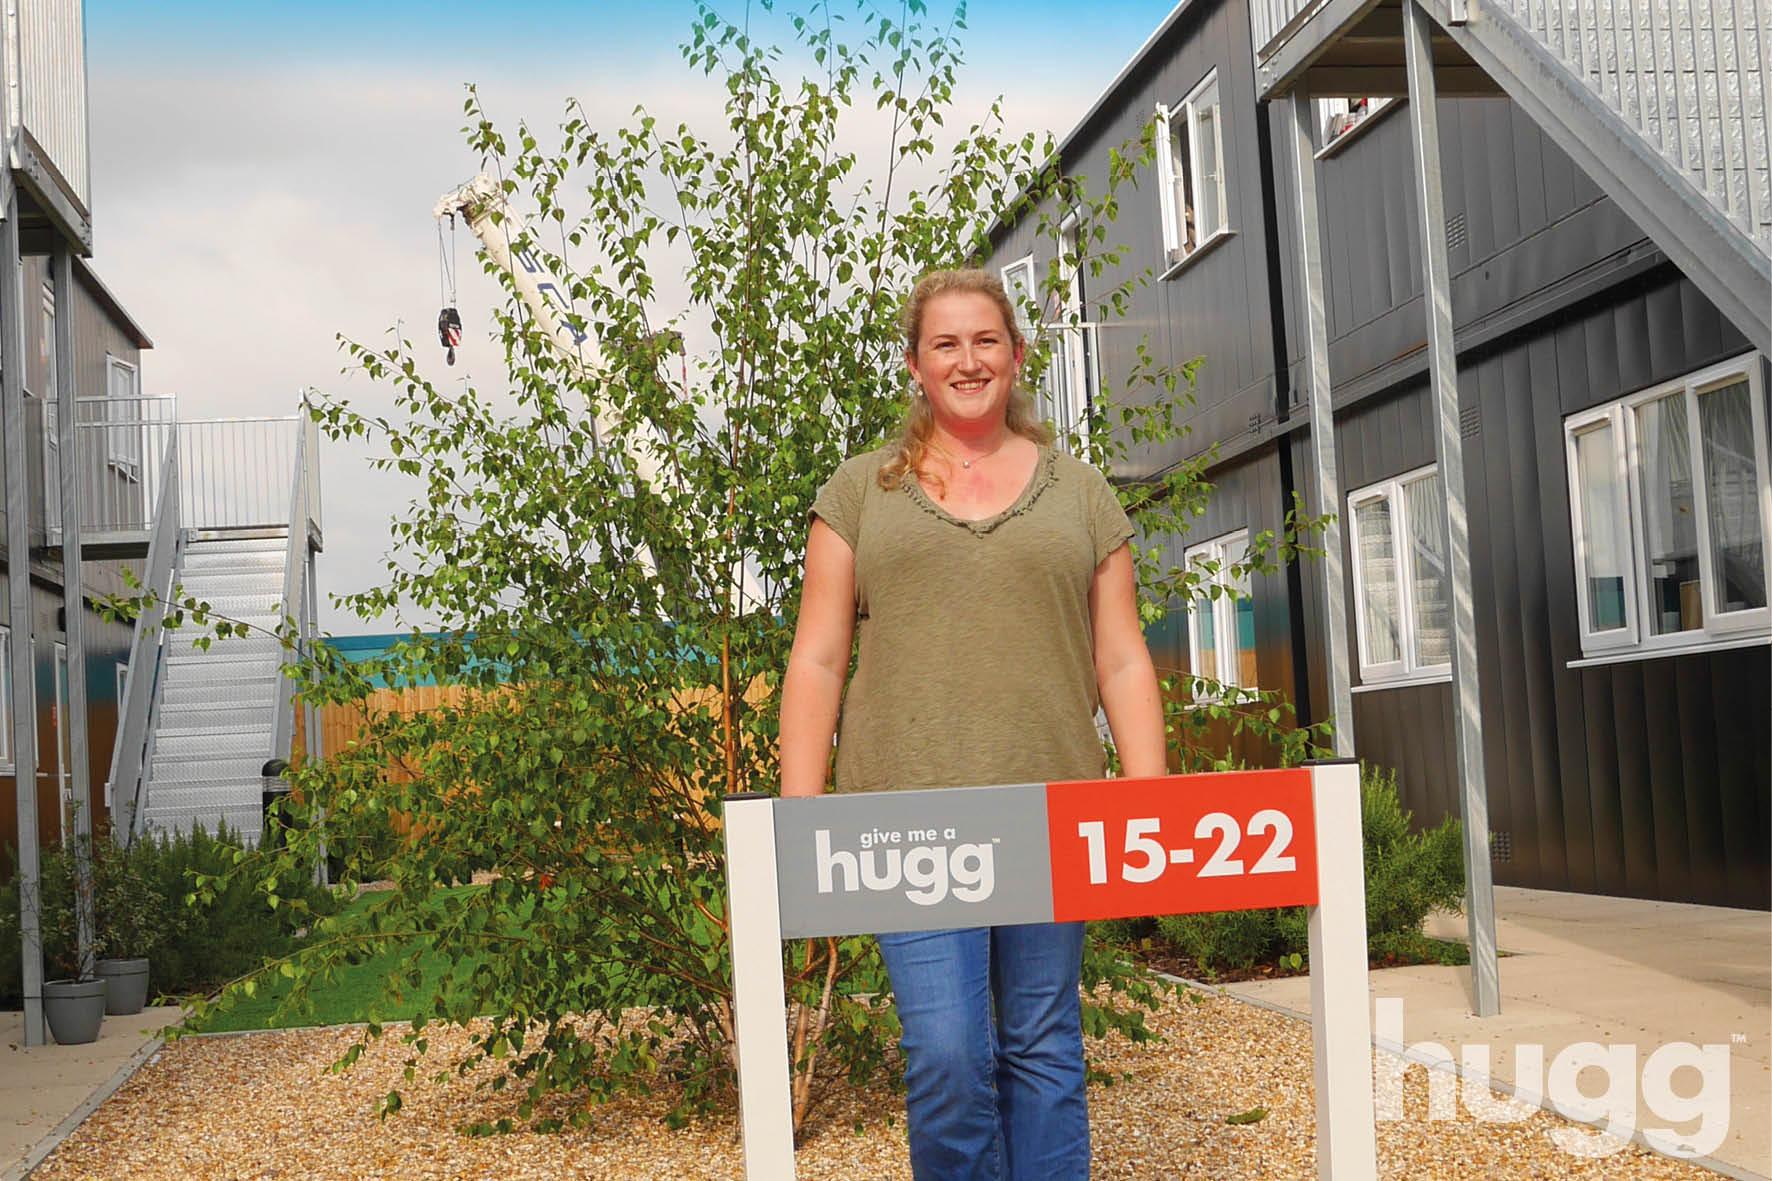 hugg_homes_residents_Lauren Harrison Short_hugg_4.jpg